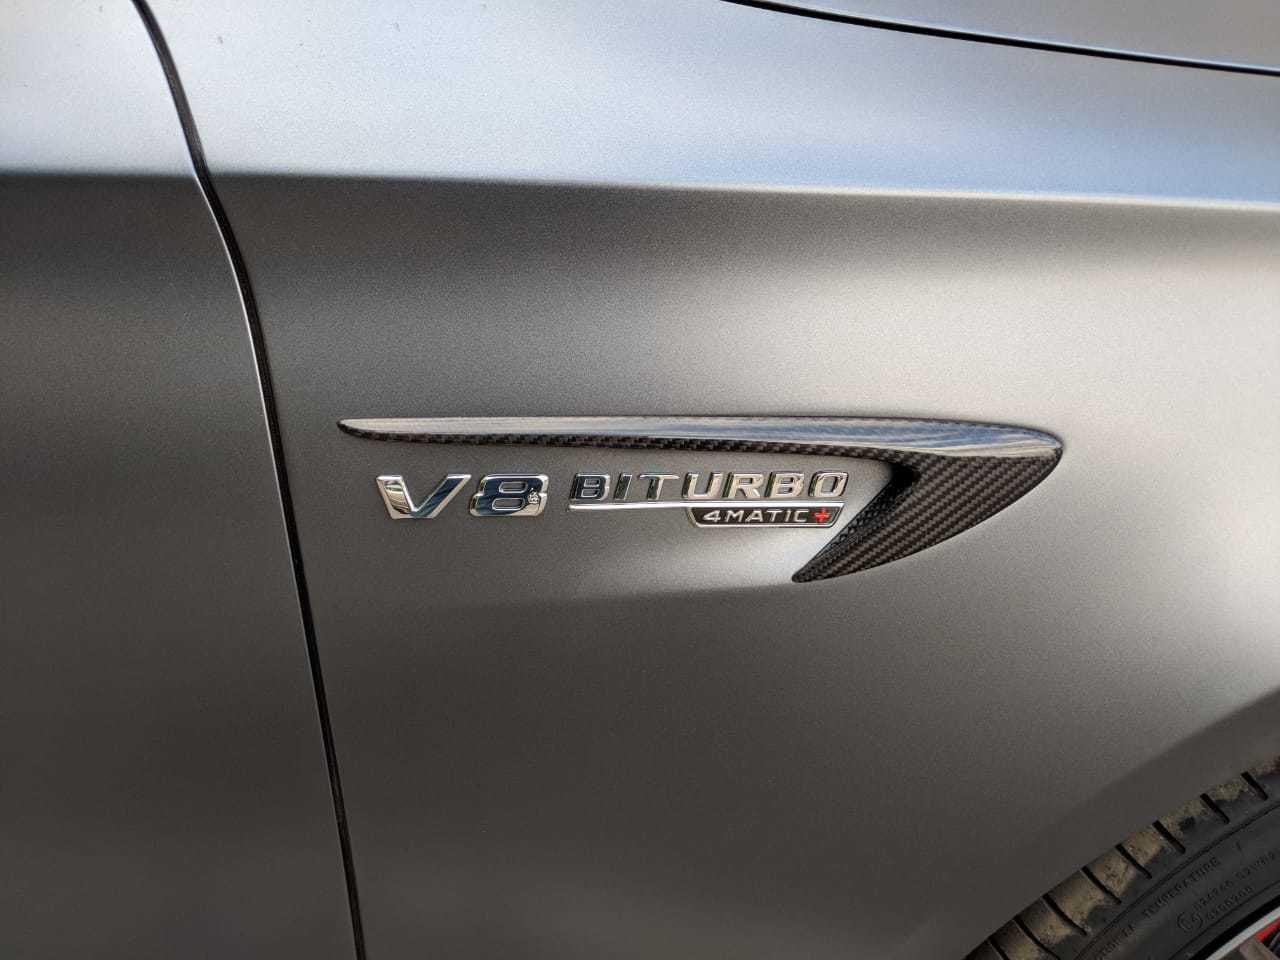 Карбоновые накладки на передние крылья  для Mercedes E63 AMG W213